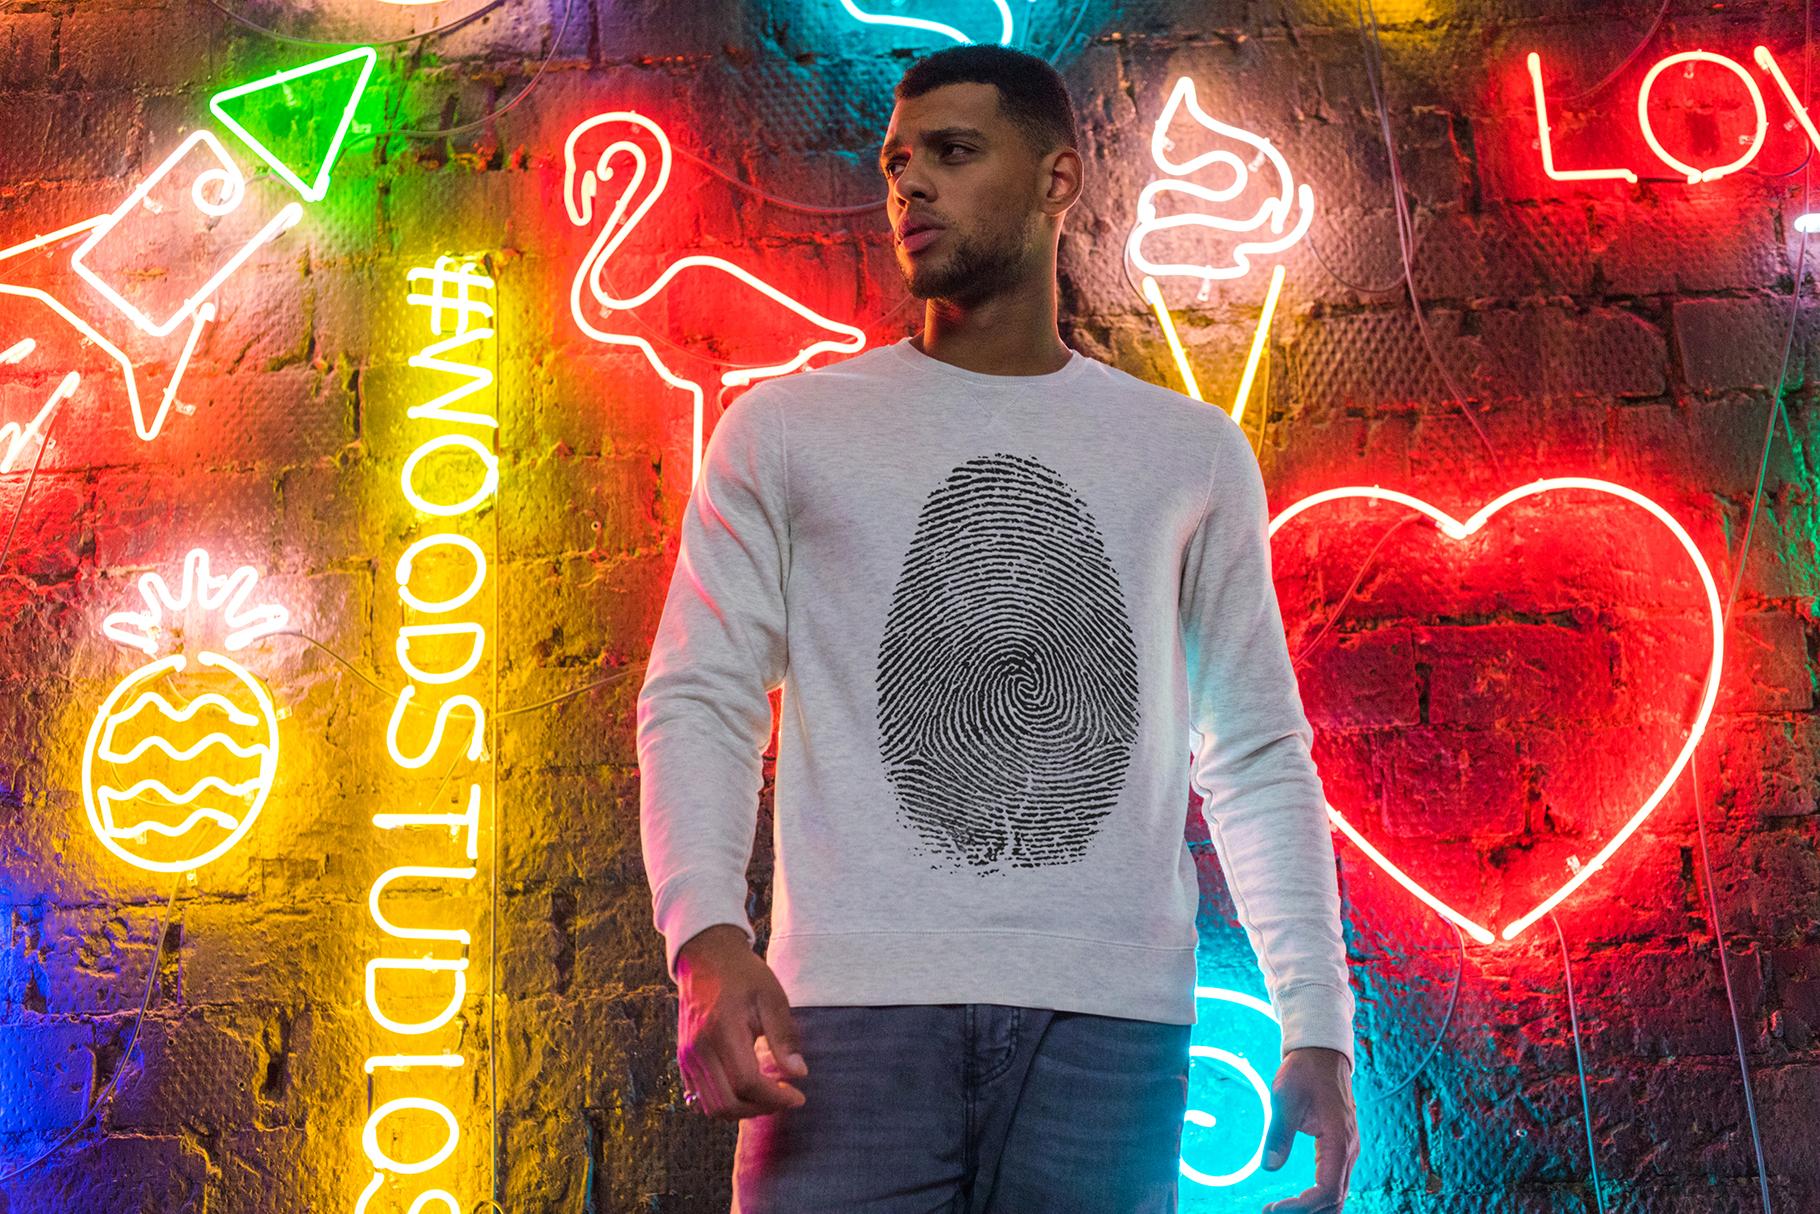 Sweatshirt Mock-Up 2018 #33 example image 10